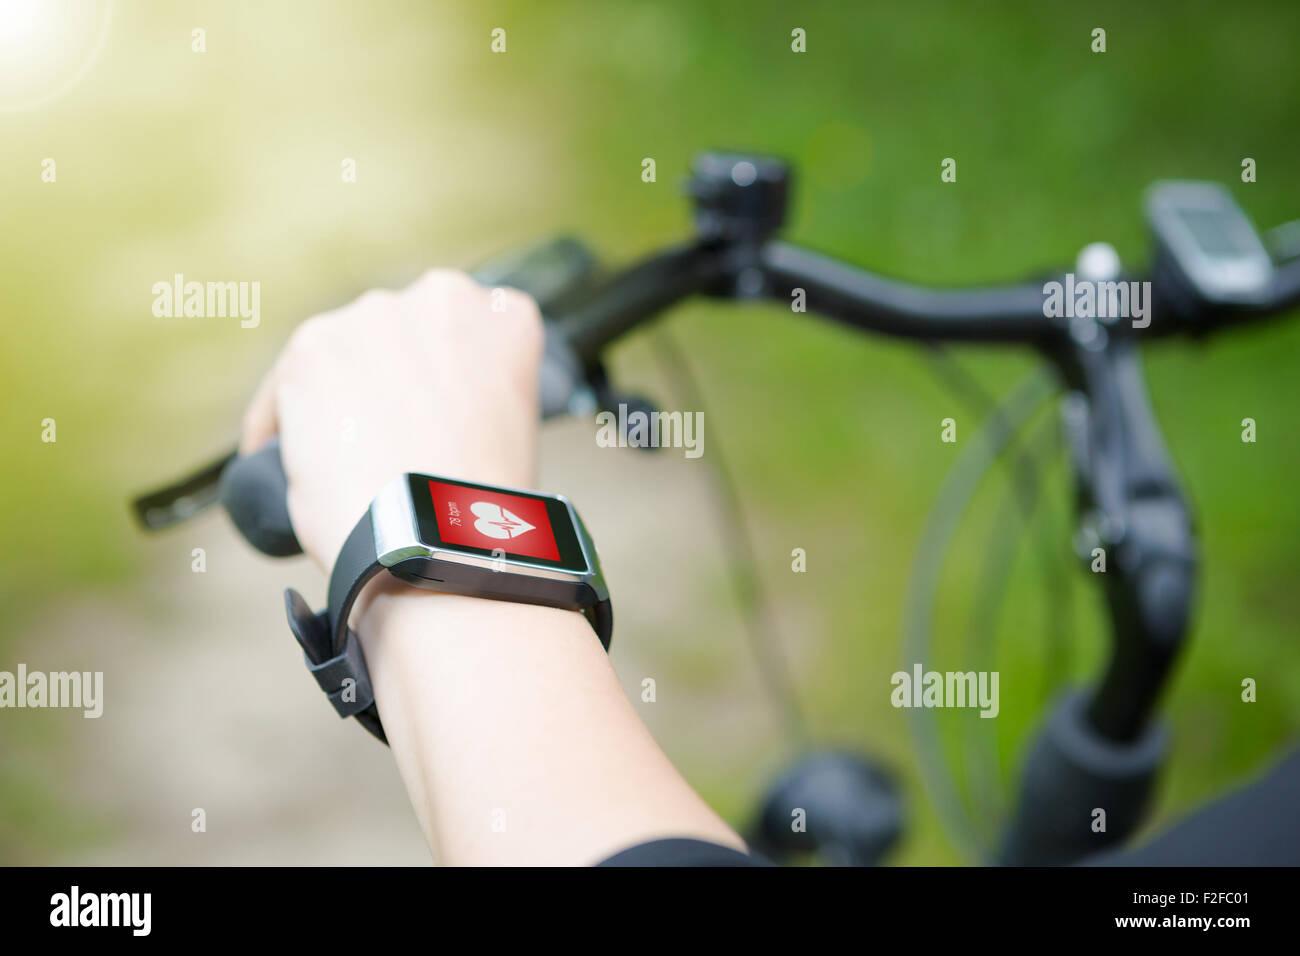 Mujer andar en bicicleta con un smartwatch monitor de ritmo cardíaco. Reloj inteligente concepto. Foto de stock